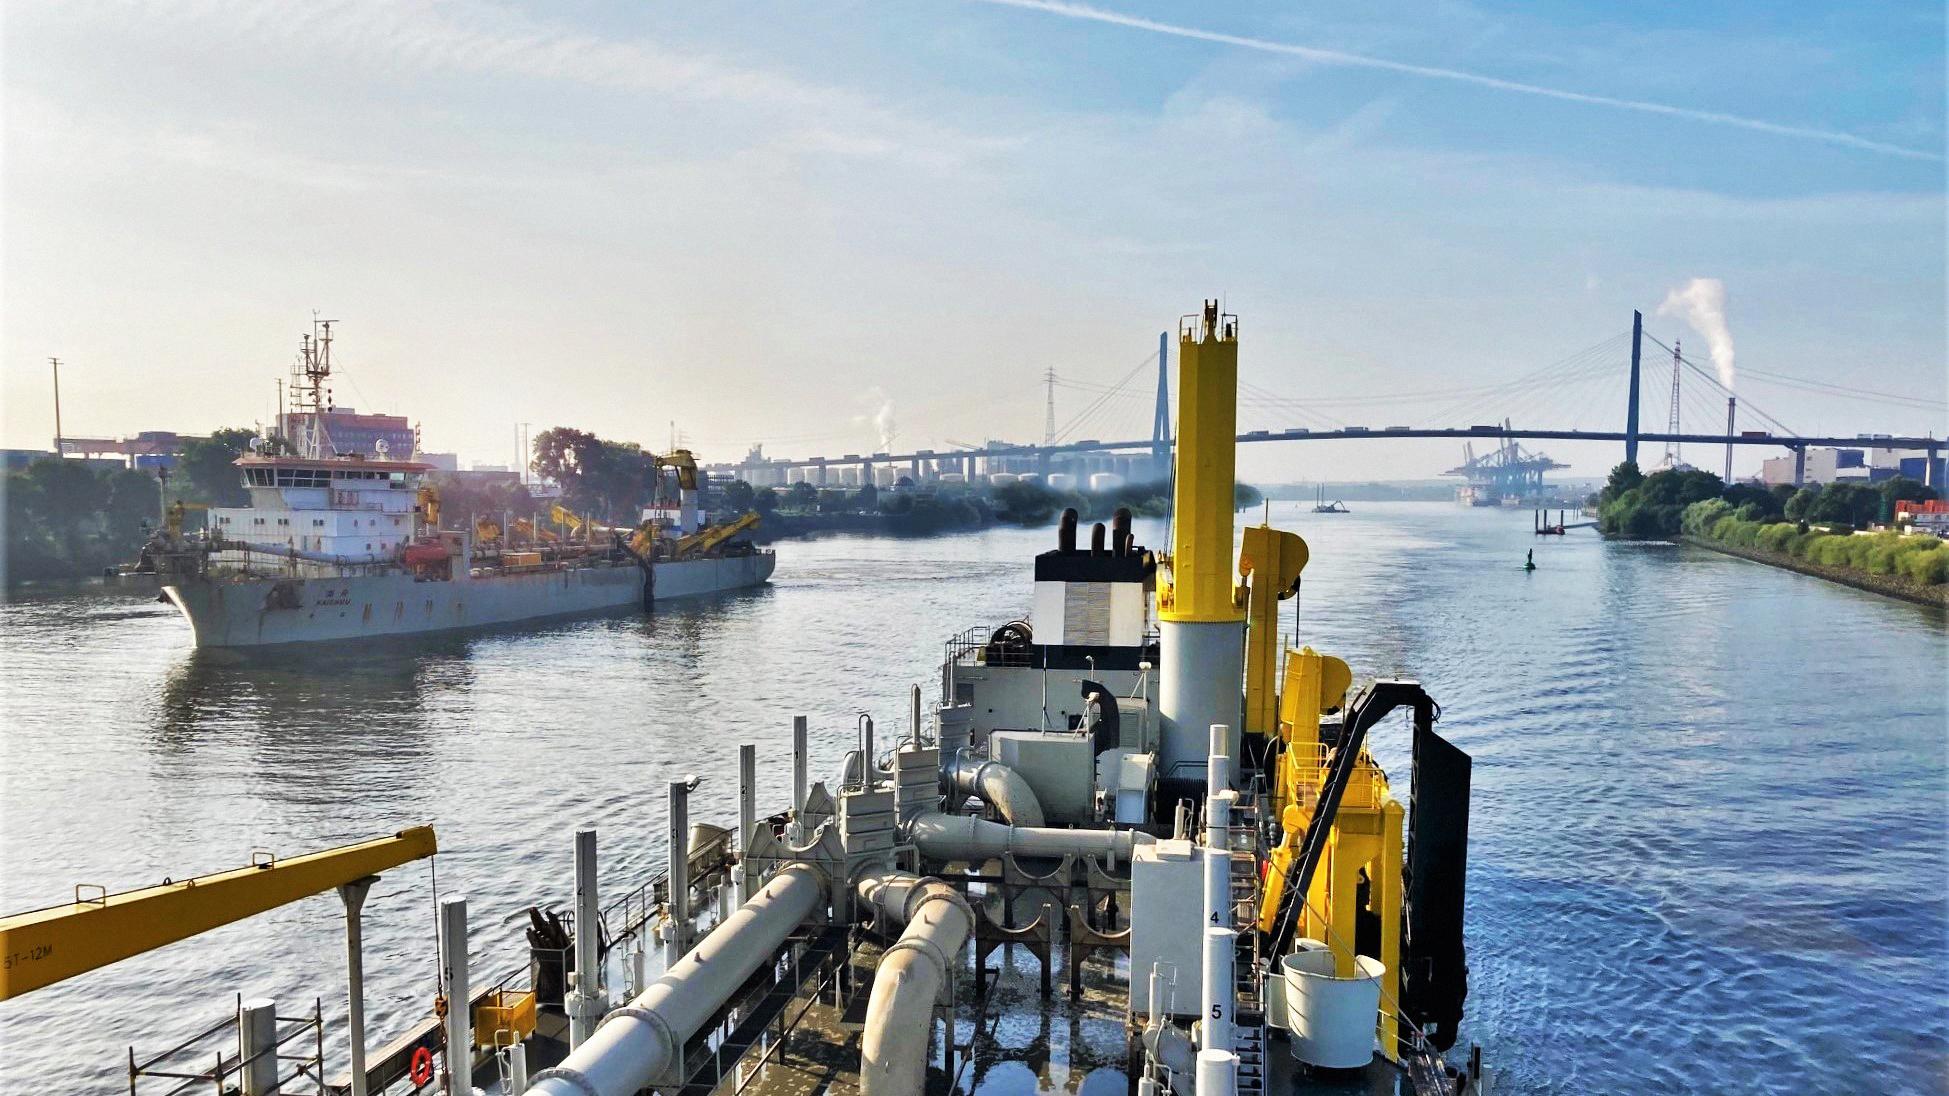 Uitsluitend biobrandstof wordt gebruikt bij het baggeronderhoud in de haven van Hamburg. (Foto Jan De Nul)